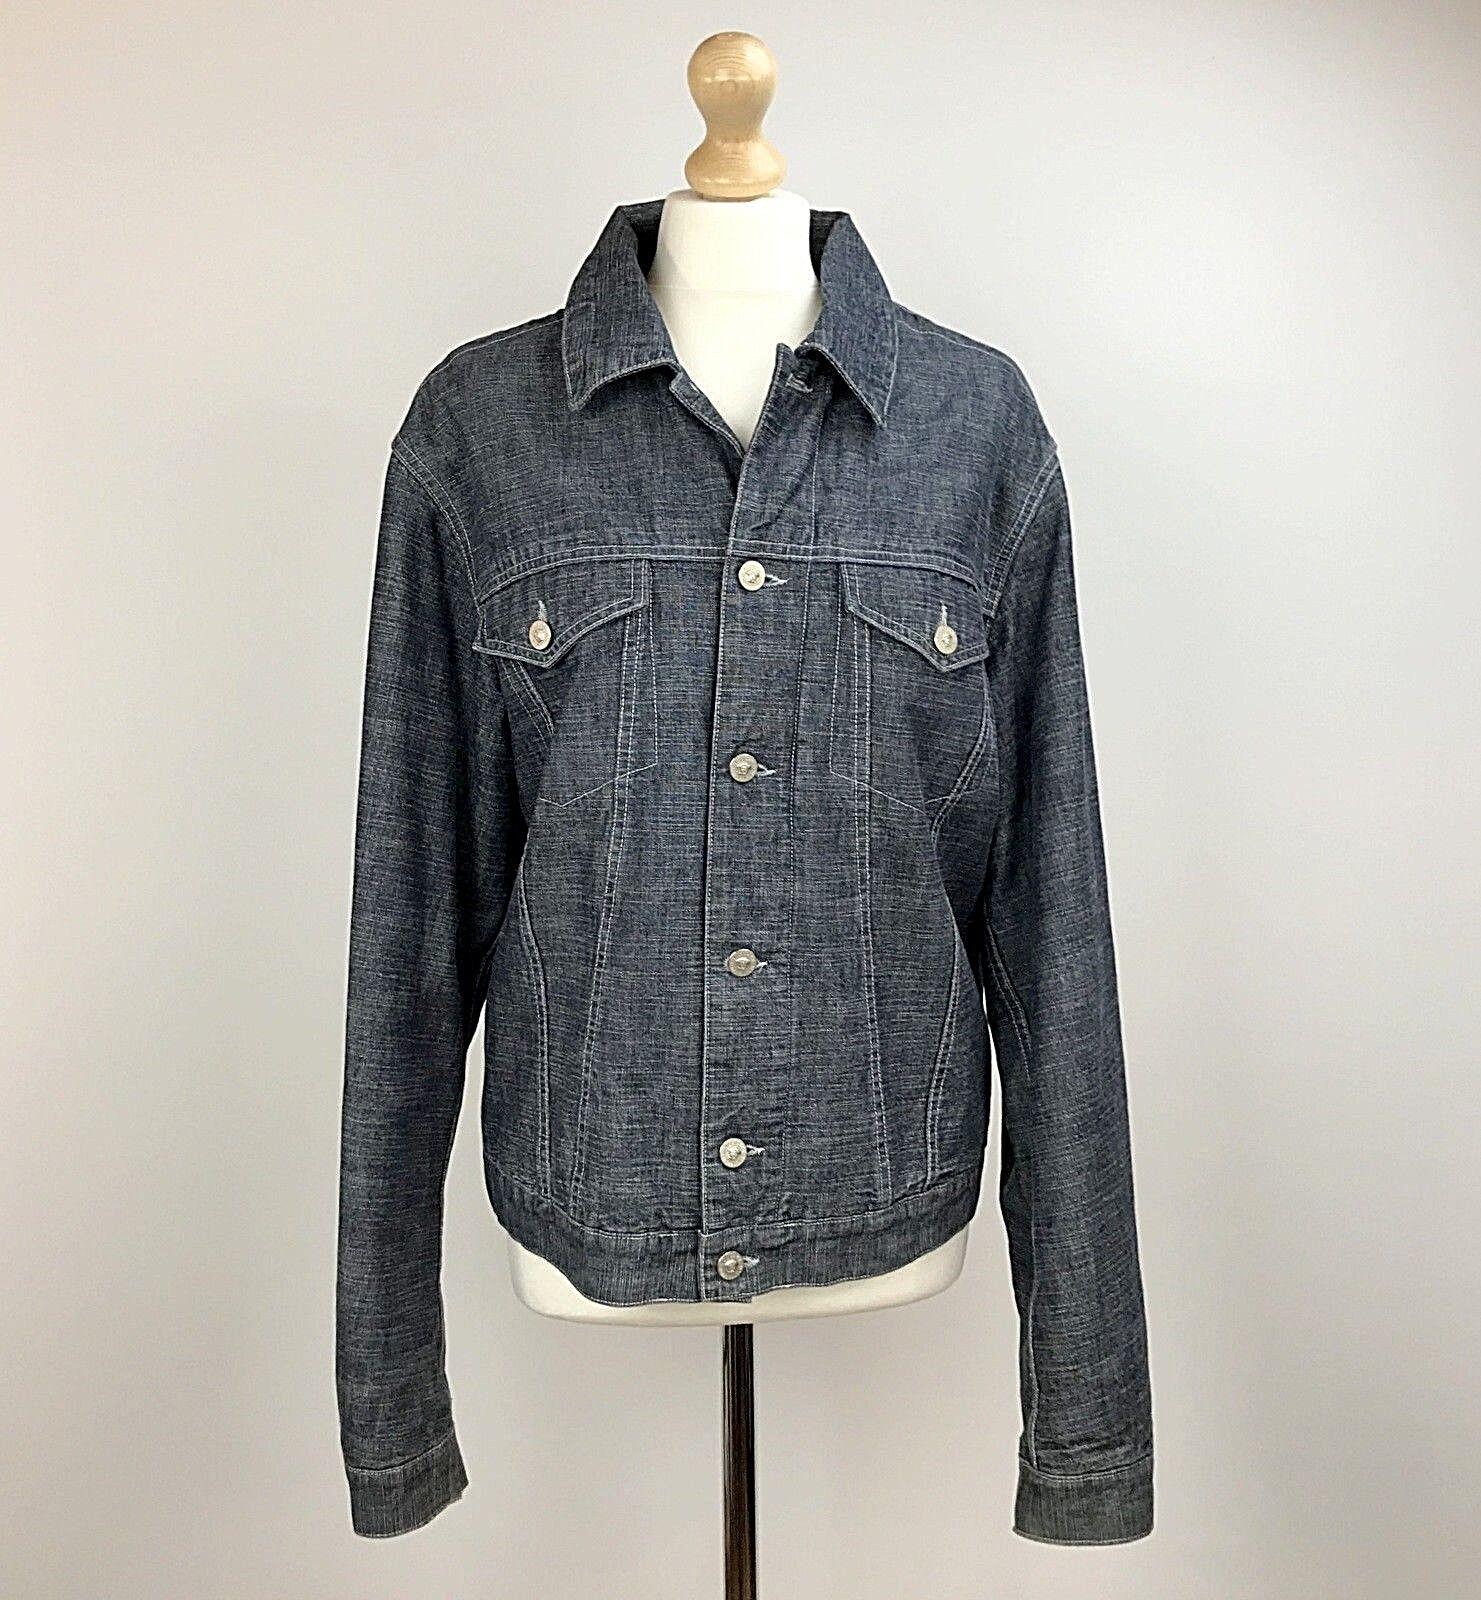 Versace Jeans Couture Jean jacke Blau Größe groß herren Button Chest 42